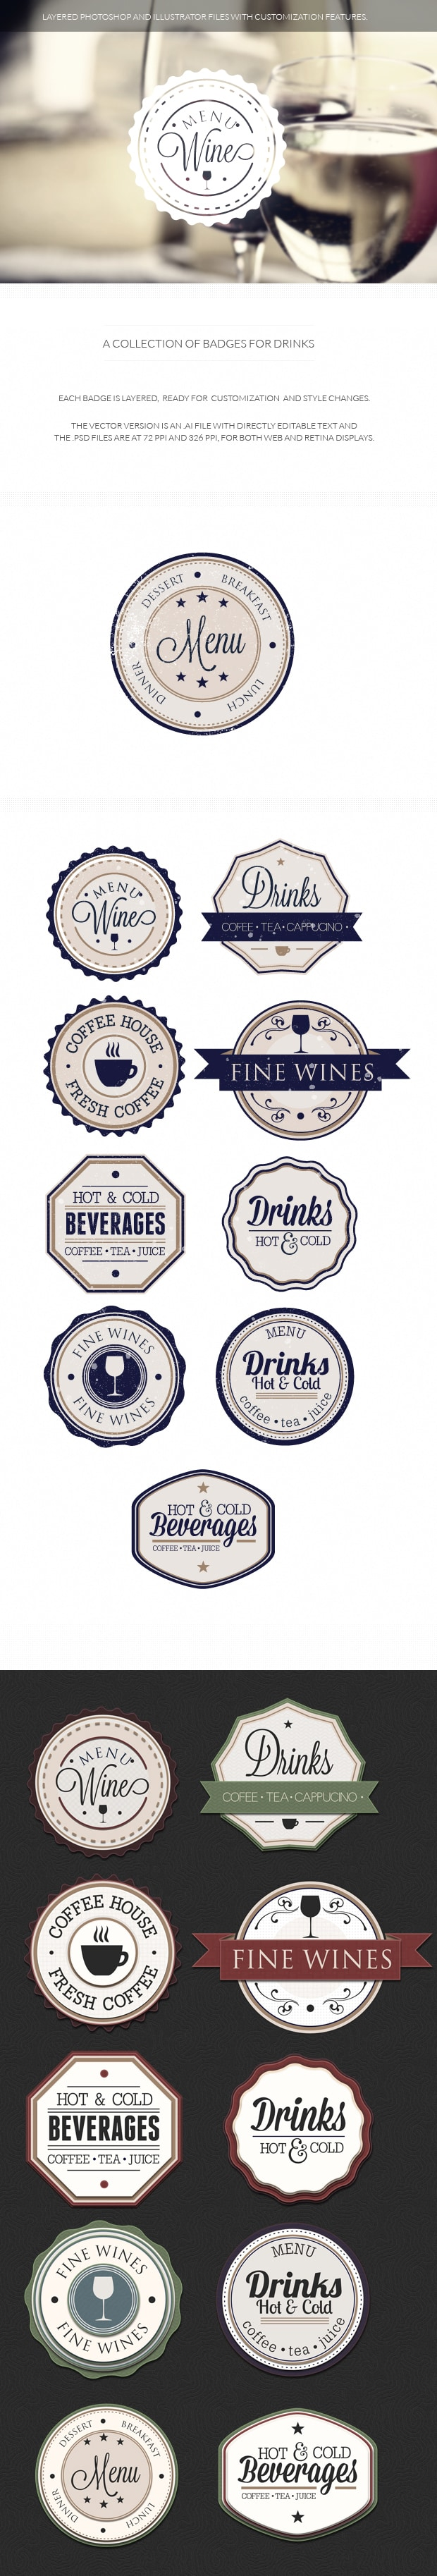 Drinks badges set 1 drinks